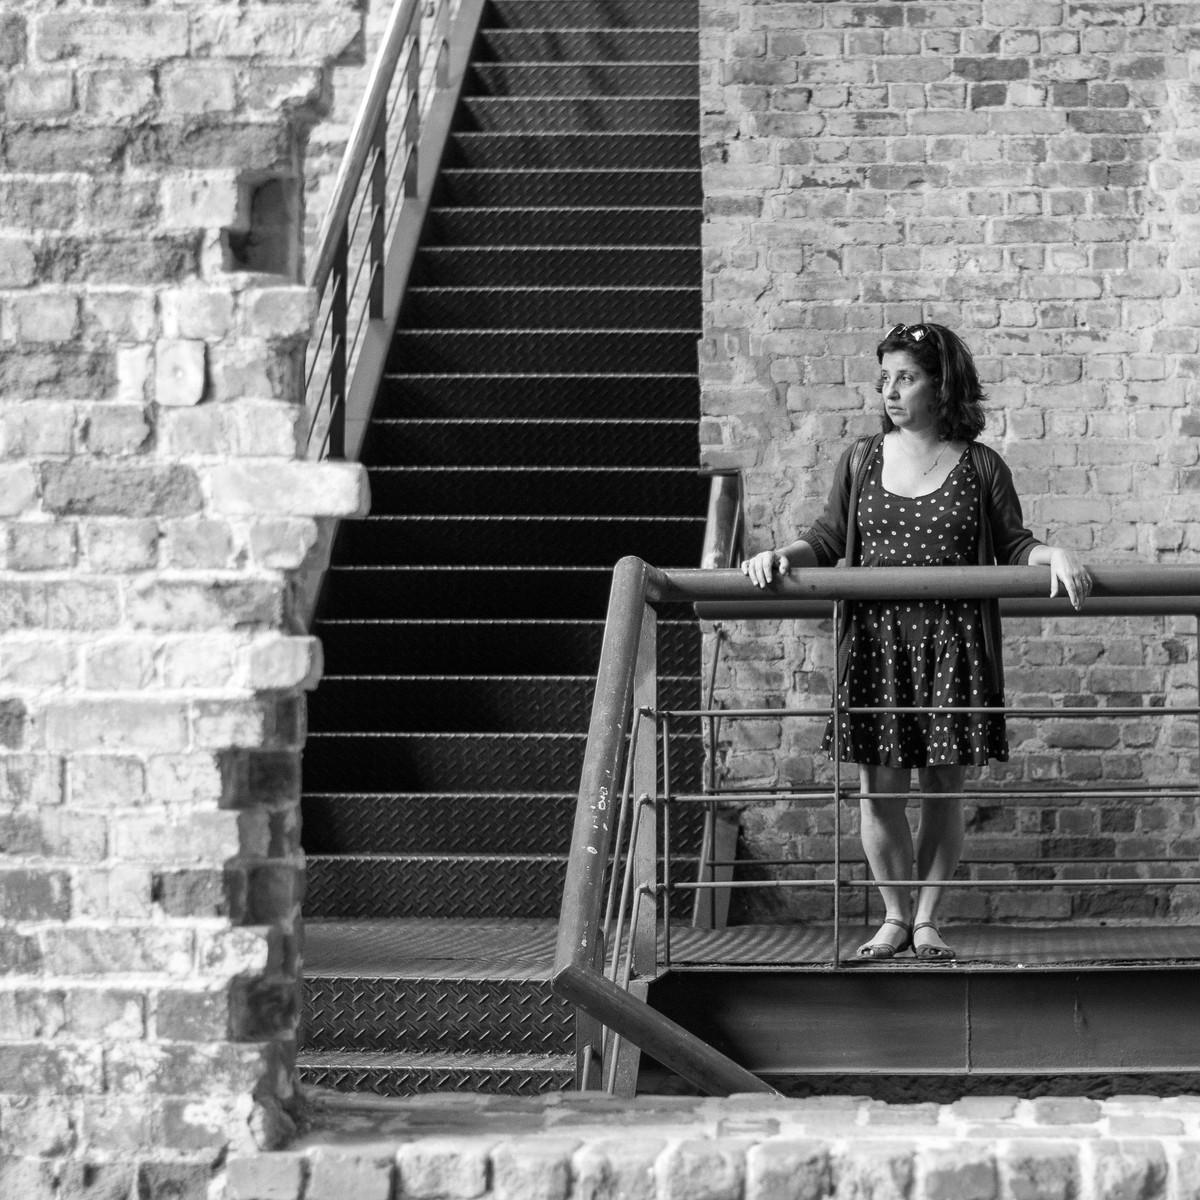 Contemporaneidade; Santa Teresa; Rio de Janeiro; turismo; desilusão; melancolia; sofrencia; parque das ruínas; escada; tijolos; corrimão; preto e branco; pb